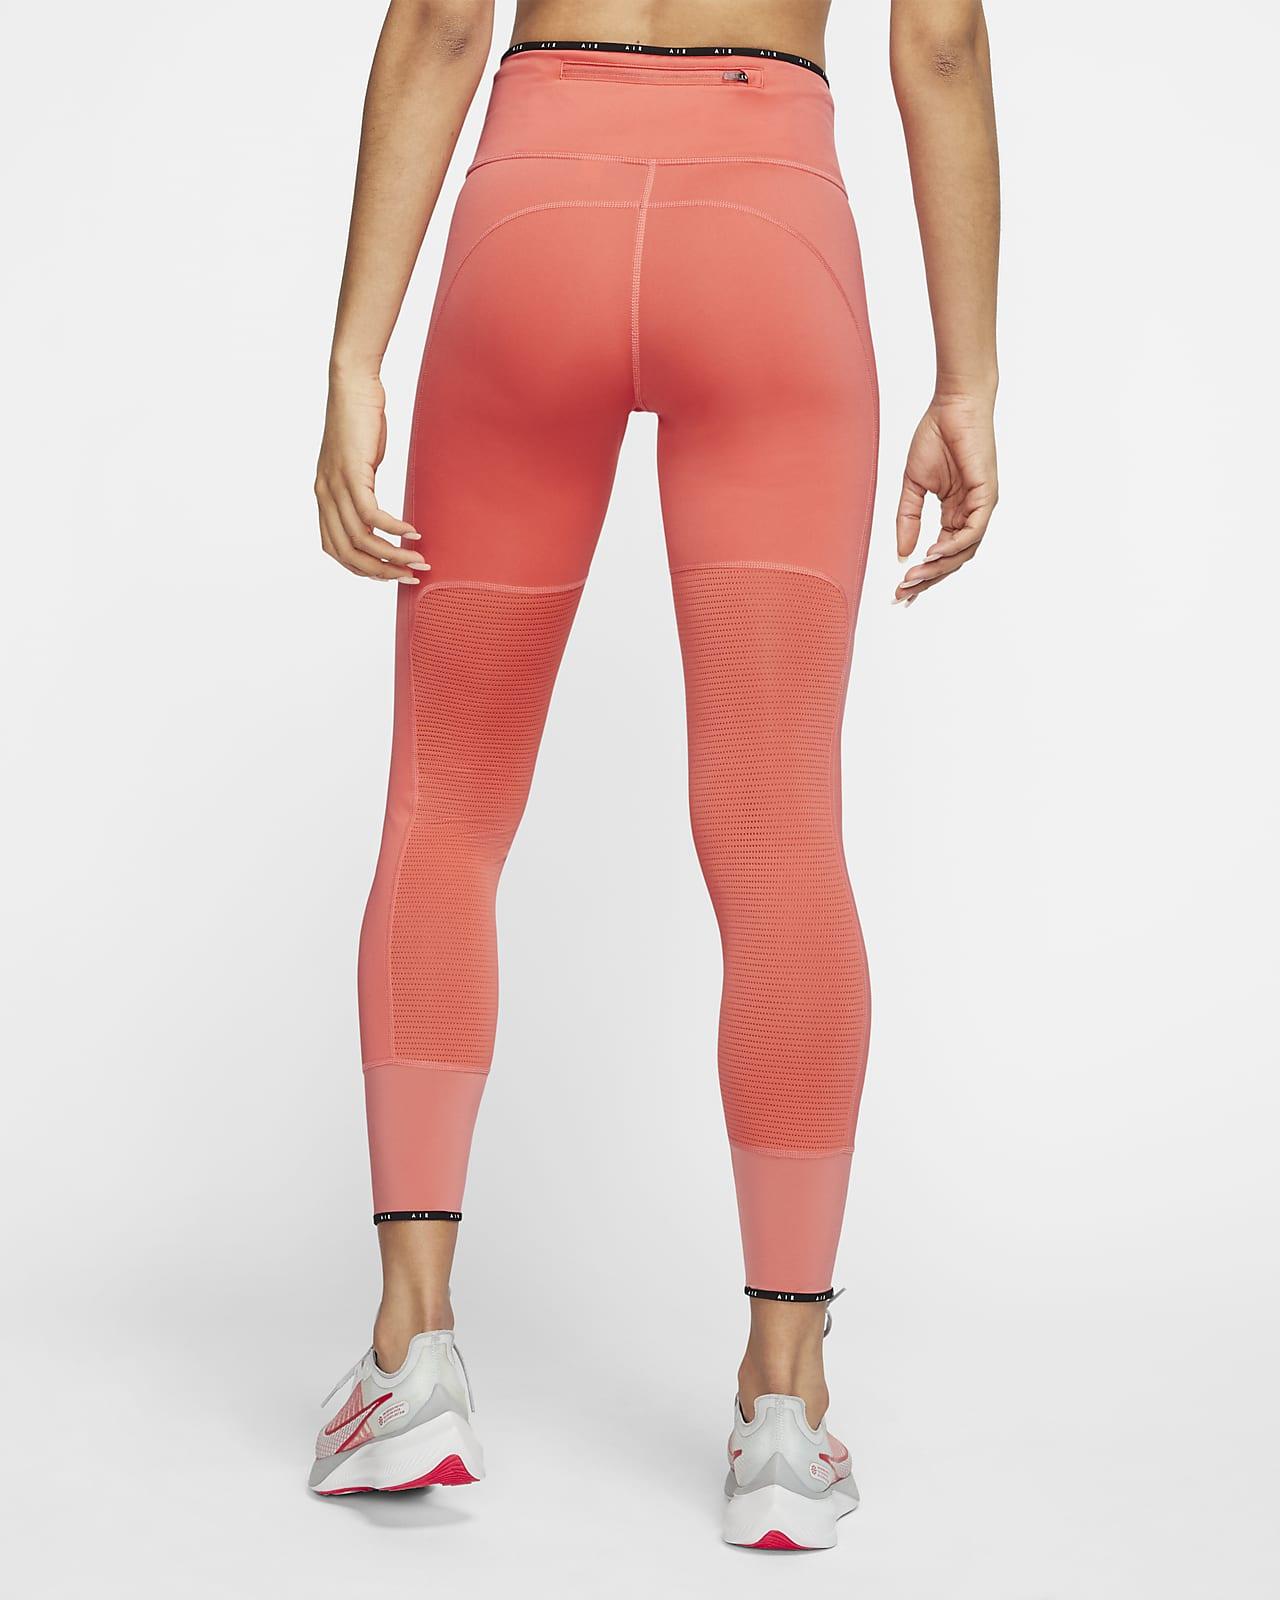 Volverse loco templo reforma  Nike Air Mallas de running de 7/8 - Mujer. Nike ES